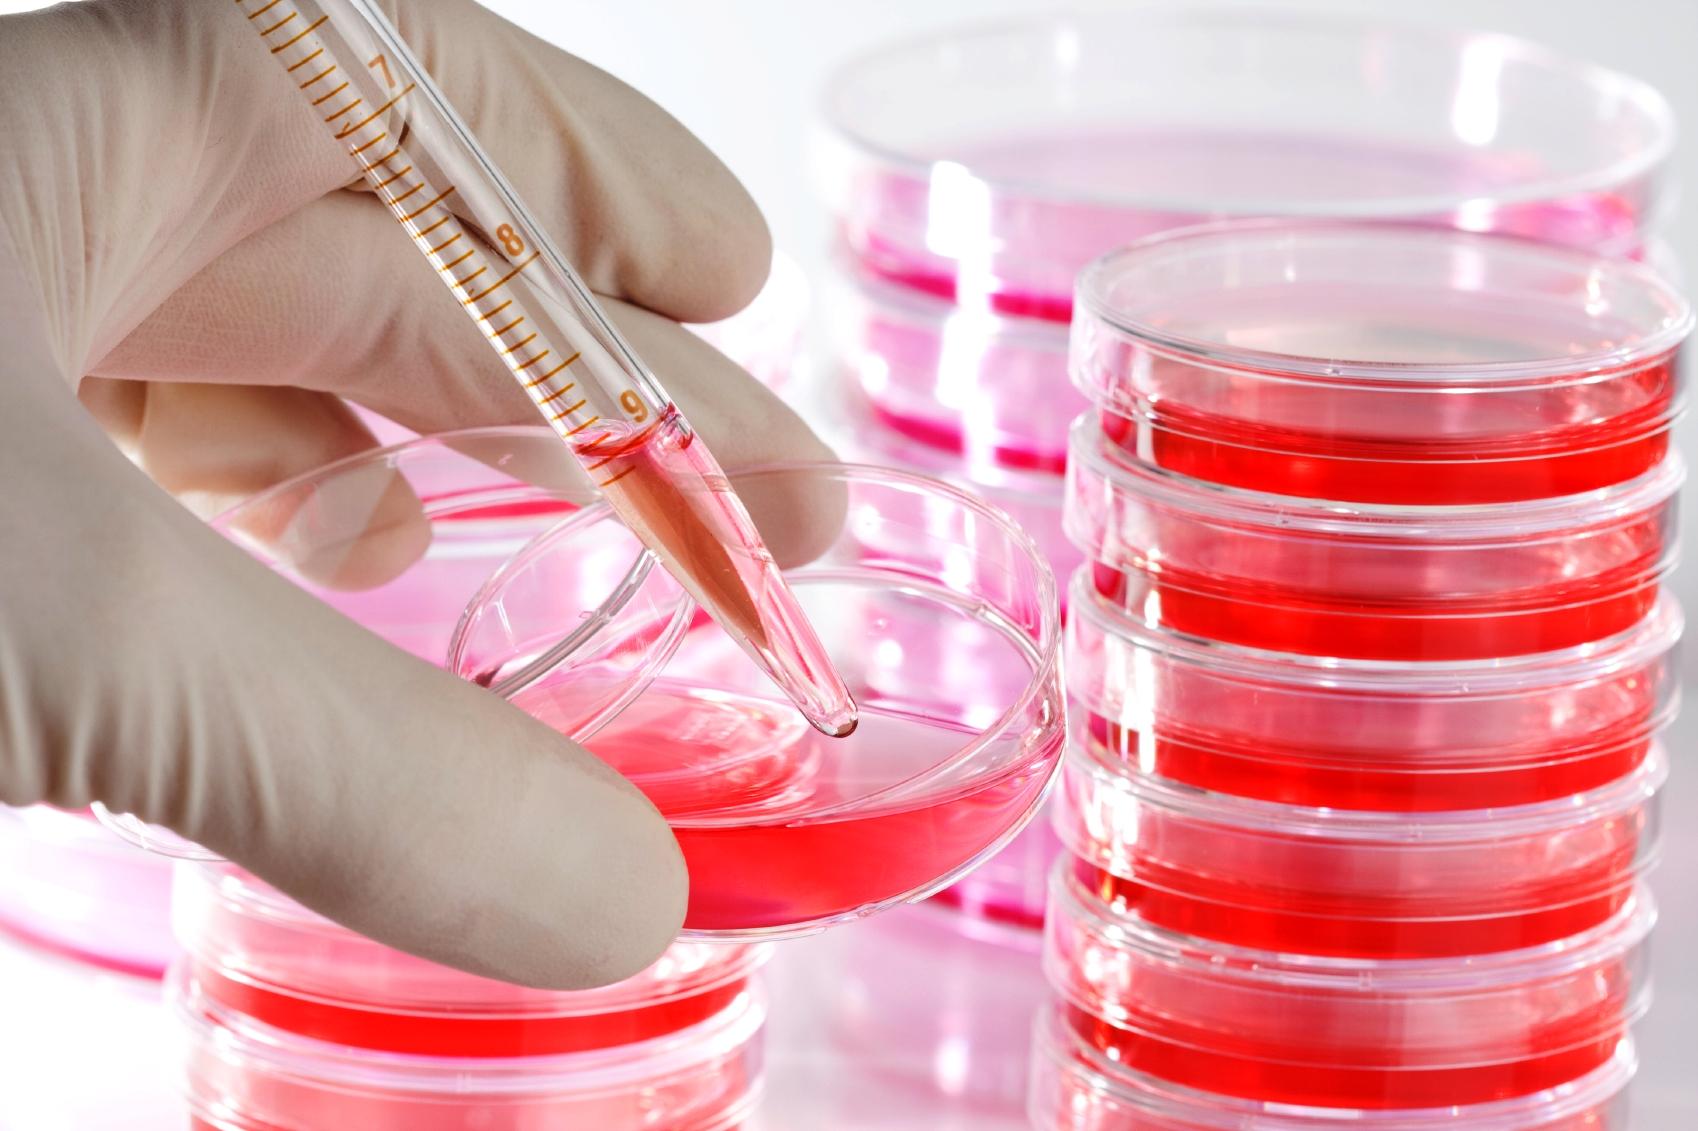 Įprastos priemonės ląstelių kultūroms